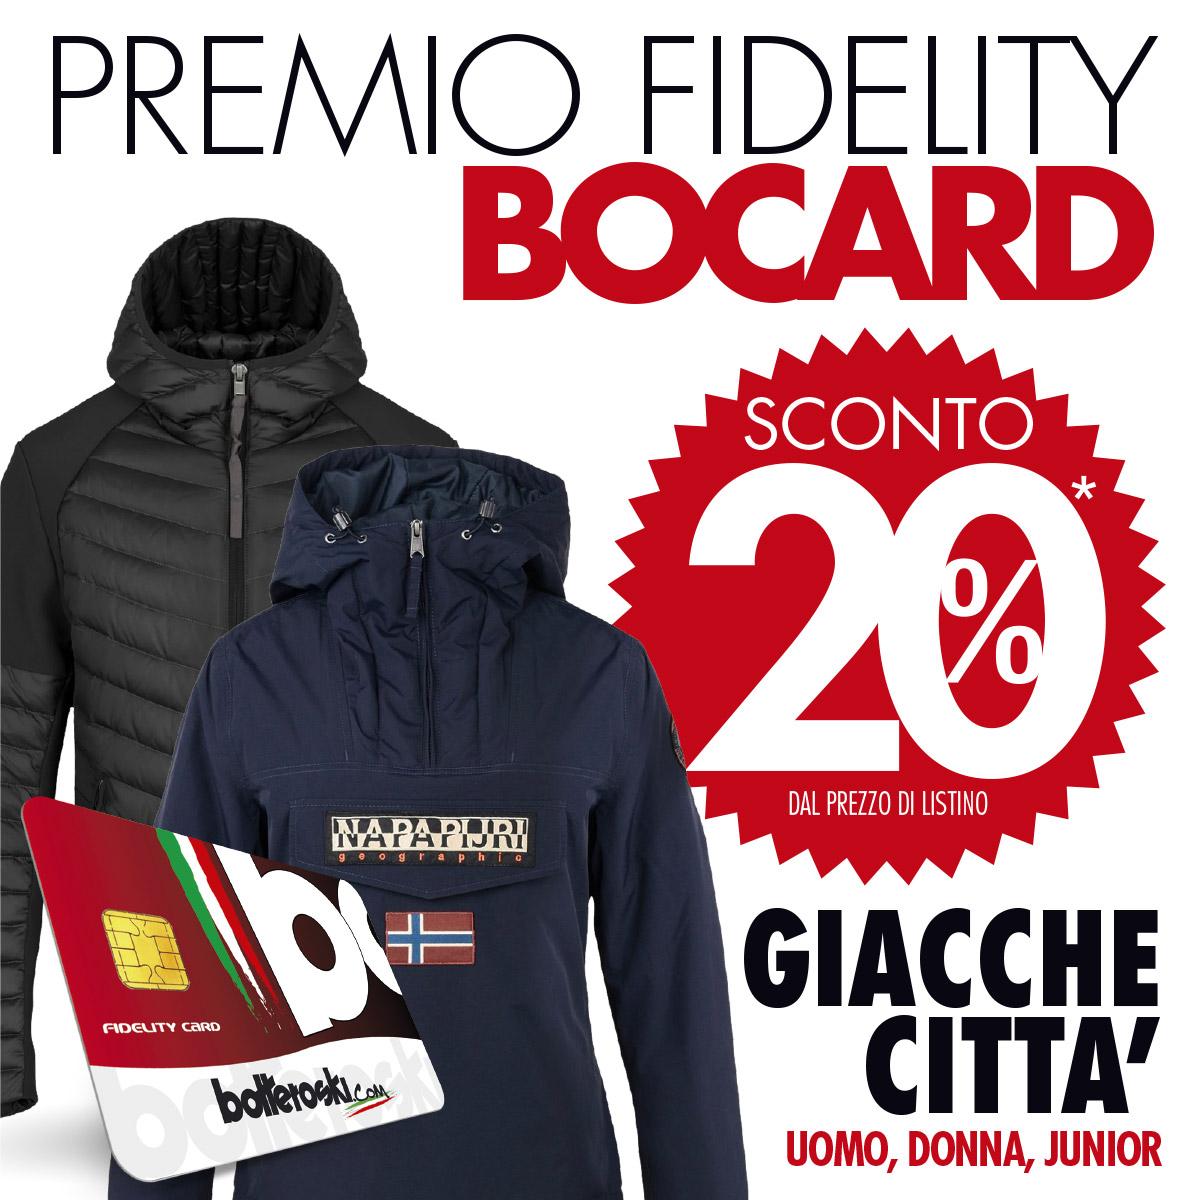 Premio Fidelity Bocard: -20% sulle giacche